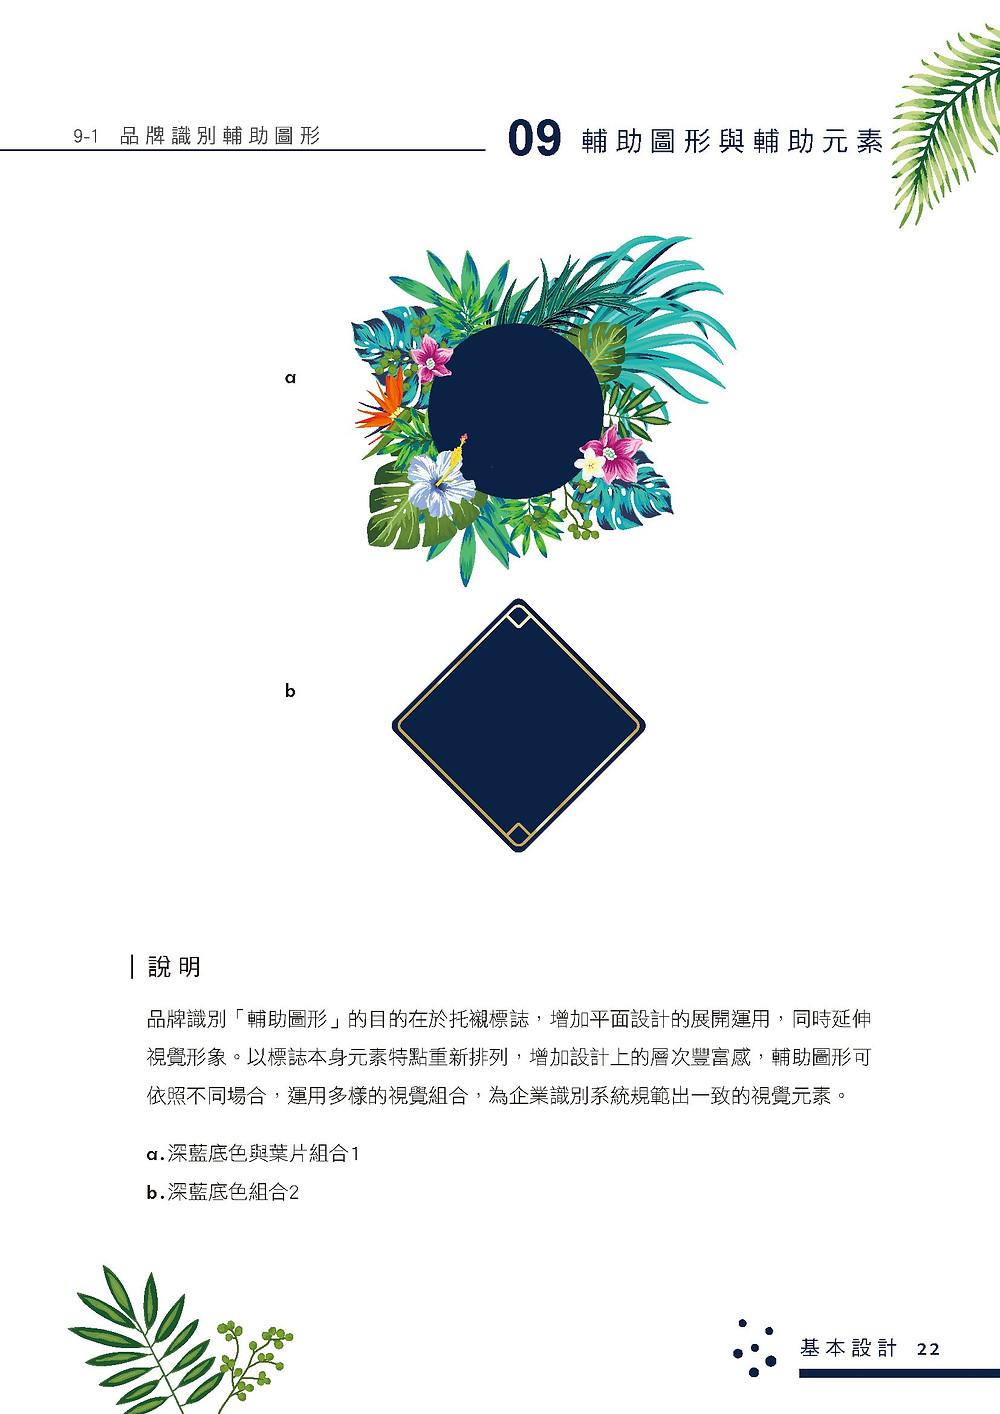 萃萃泡沫茶坊 品牌識別系統手冊 輔助圖形